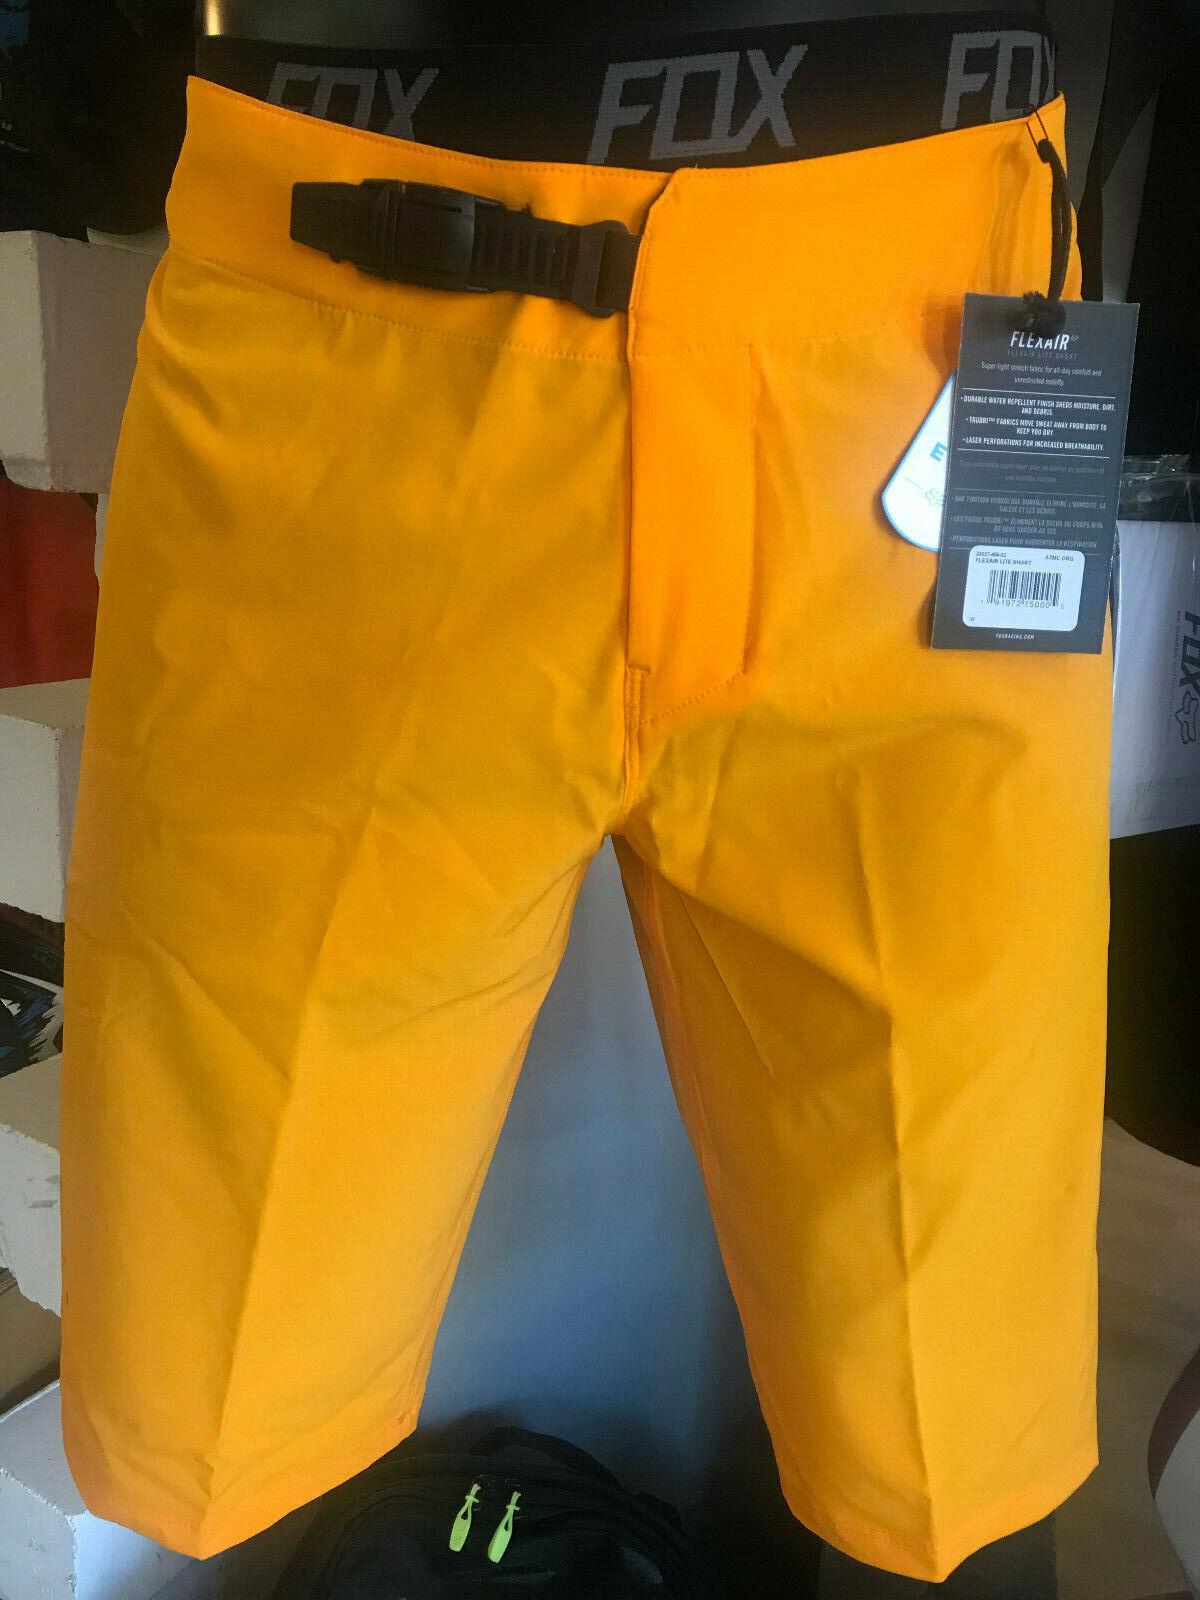 FOX FLEXAIR LITE courte kurze Hose MTB Orange mit Innenhose & Polster